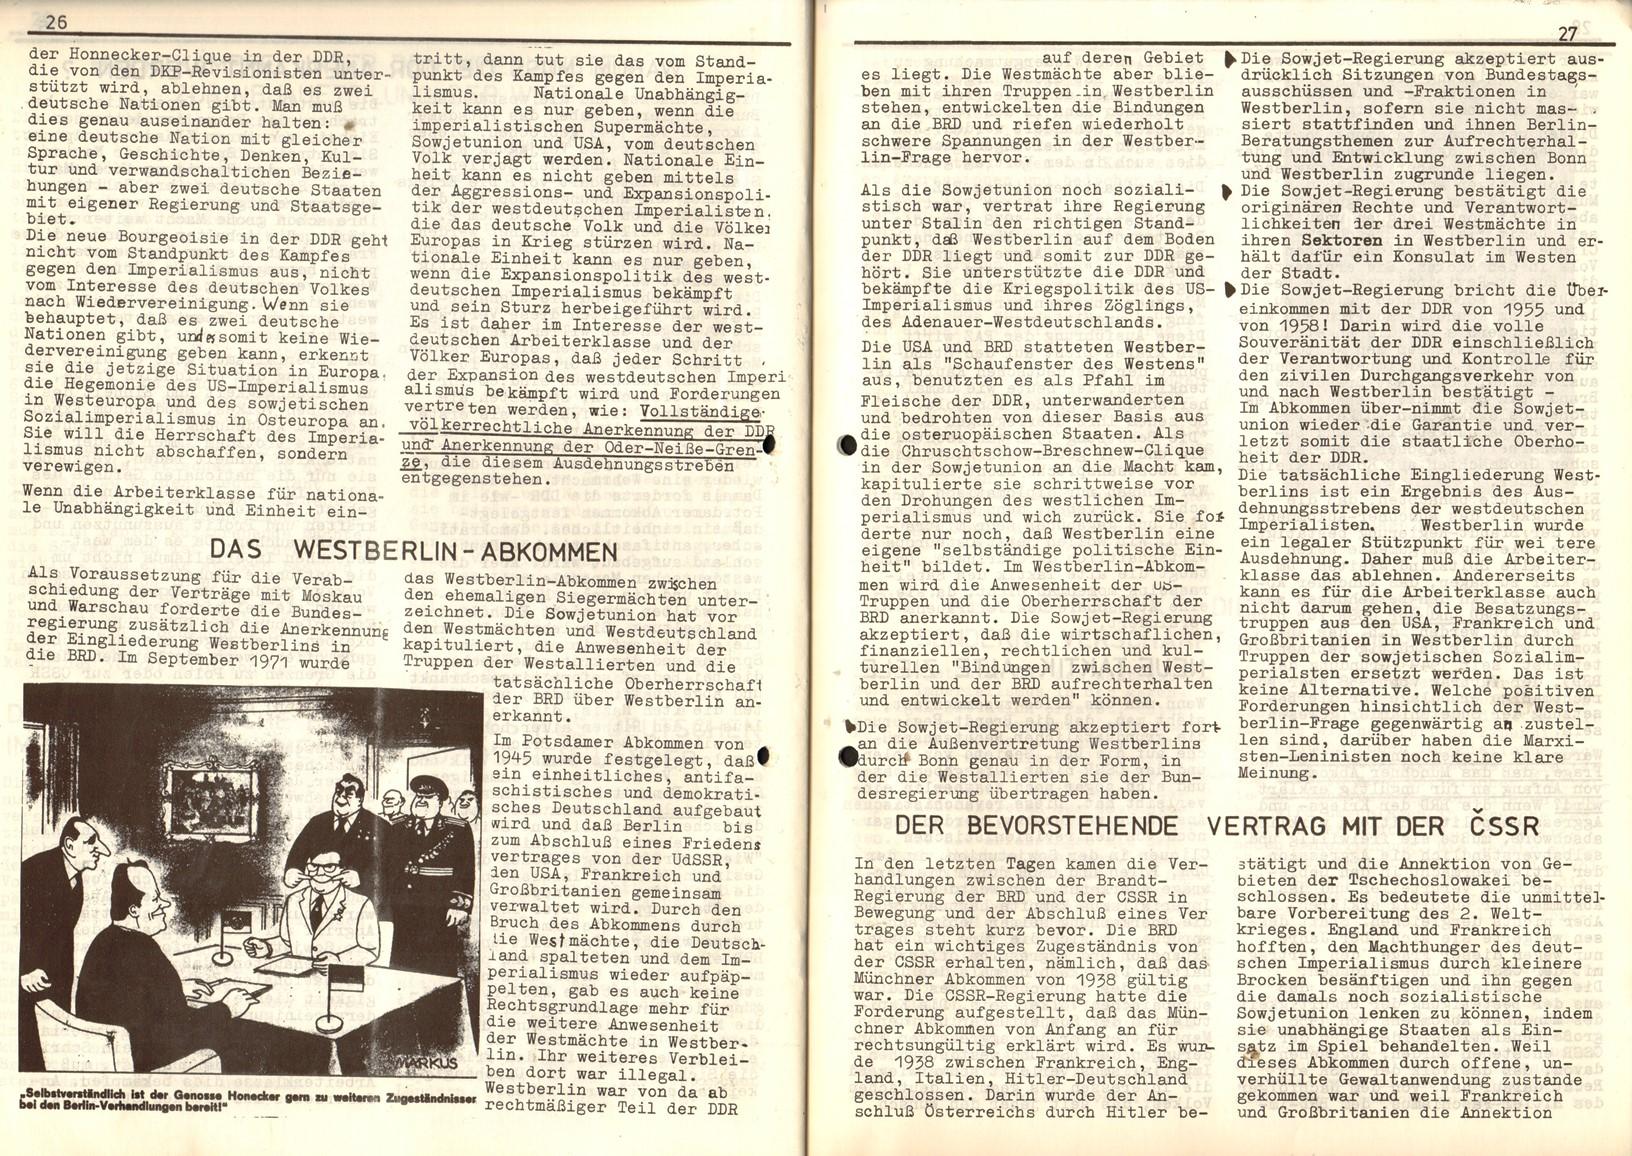 ML_Aachen_Bochum_Duisburg_1973_Breschnew_in_Bonn_14